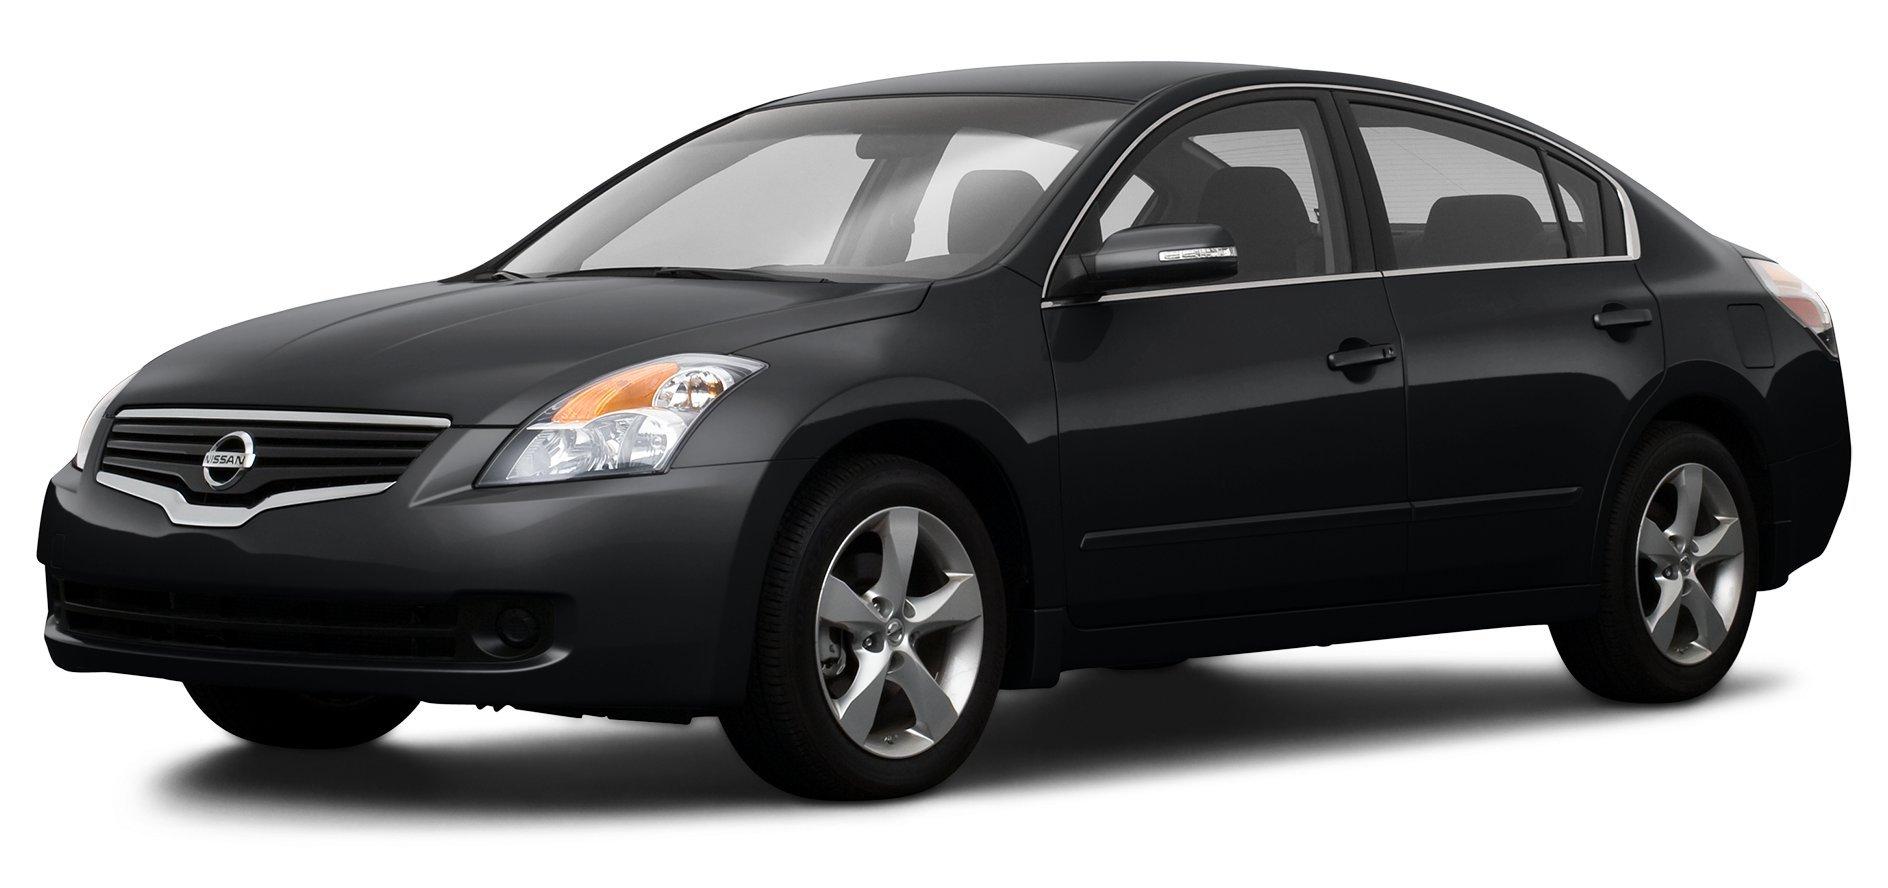 ... 2009 Nissan Altima 3.5 SE, 4-Door Sedan V6 CVT ...